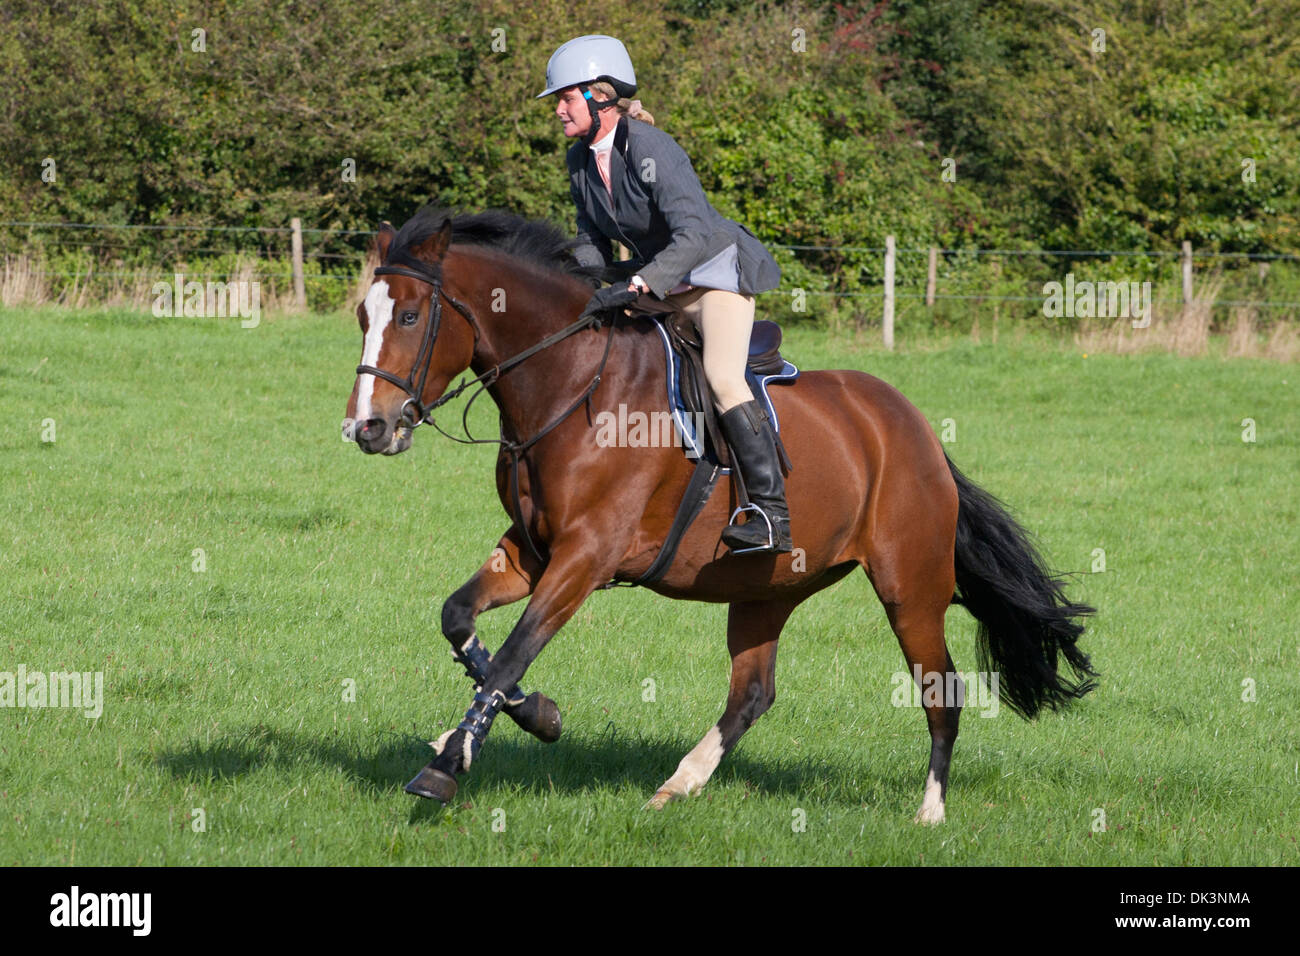 Horse Jumping eventing cross country sport equino jump visualizza fattoria rurale box grigio gymkhana Godshill Isle of Wight England Regno Unito Immagini Stock